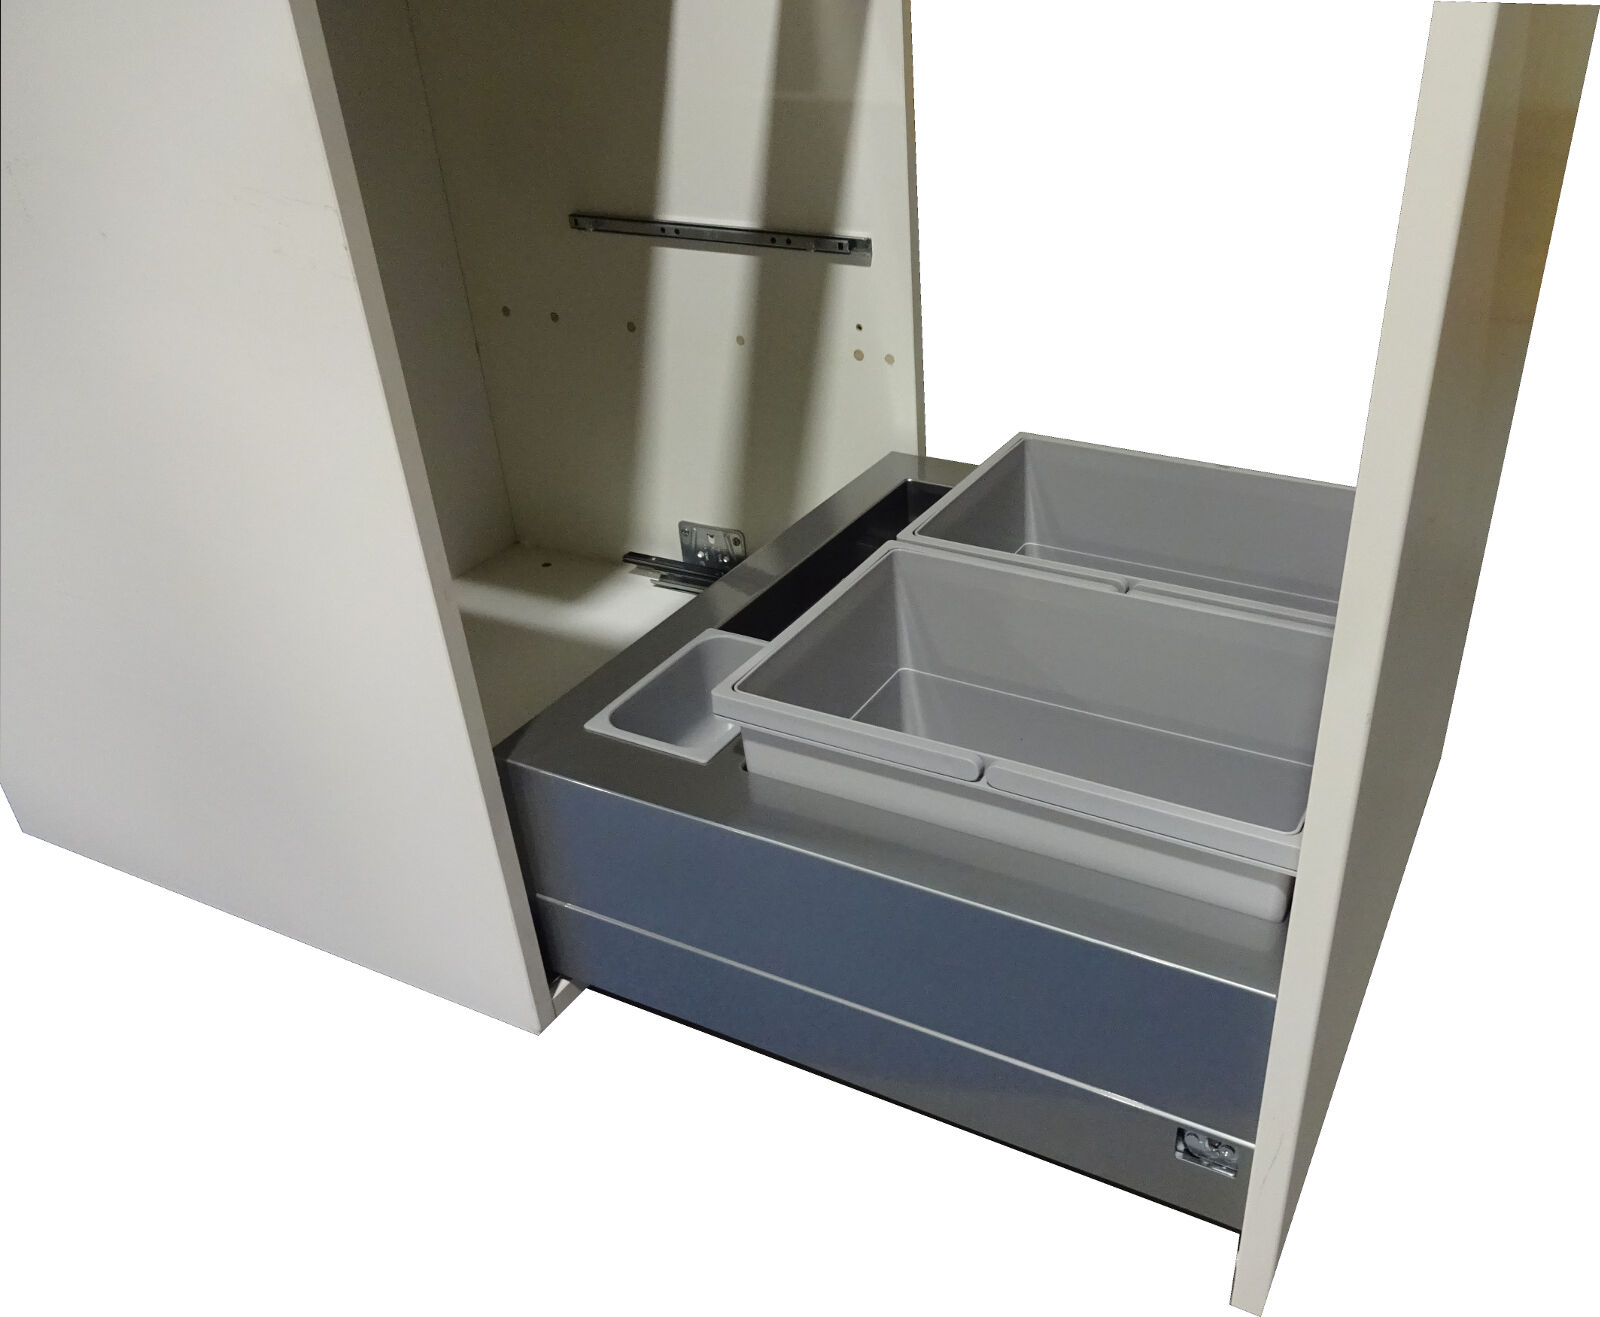 Full Size of Abfalleimer Auszug Kche Musbacher Esstisch Mit Roma 160 Müllsystem Küche Wohnzimmer Häcker Müllsystem